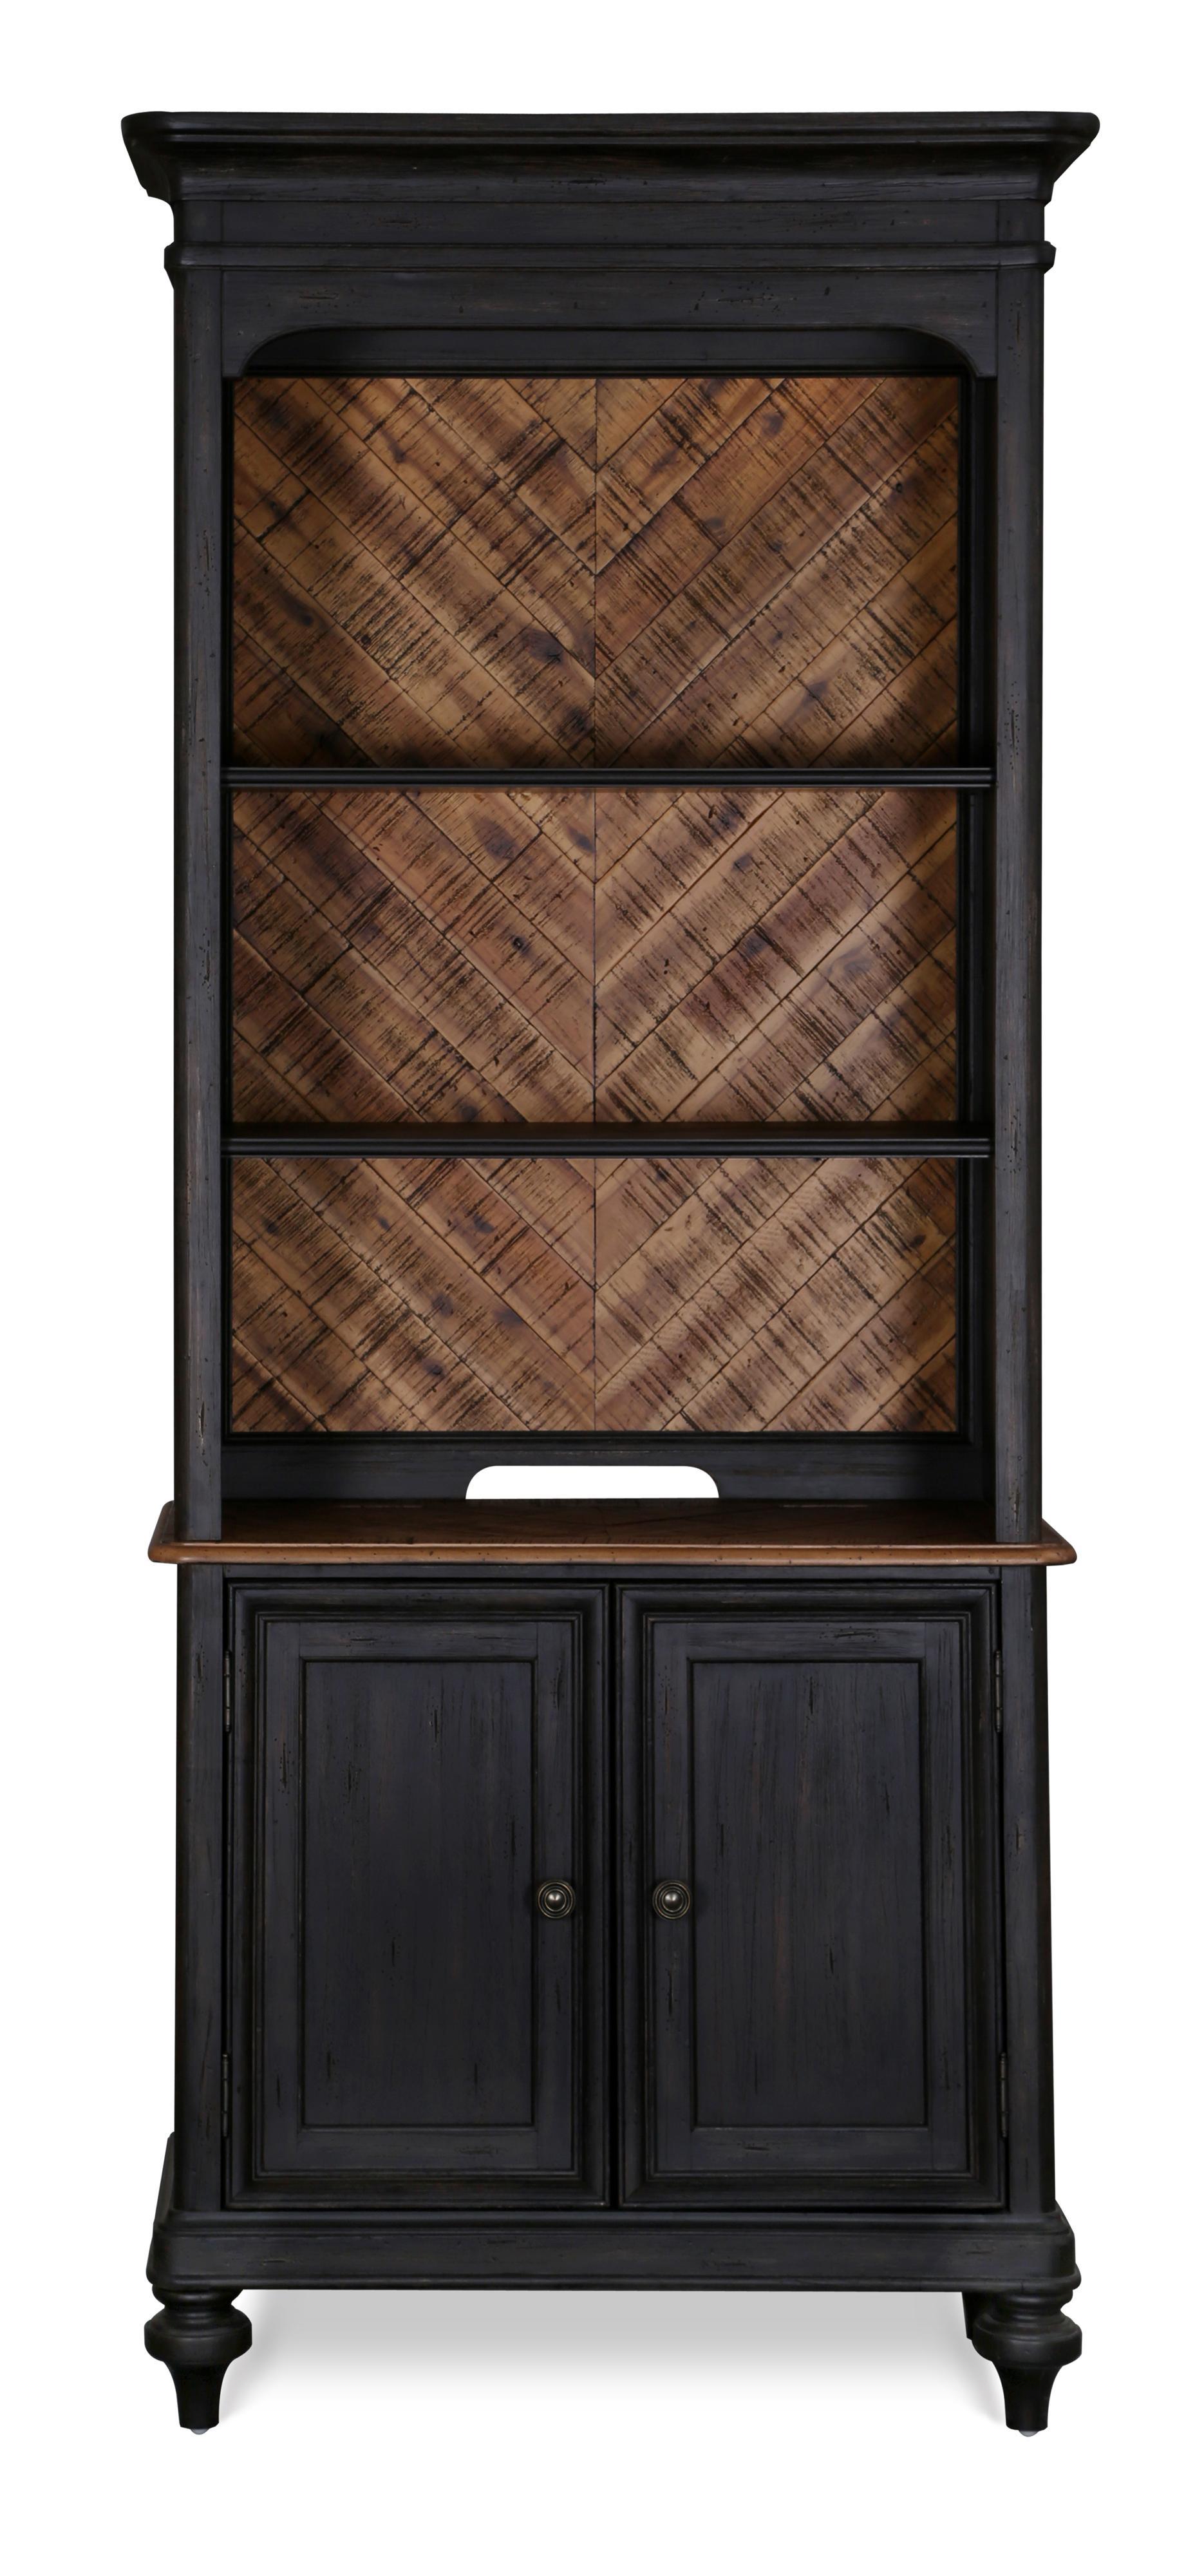 Magnussen Home Barnhardt Bookcase - Item Number: H2588-20B+H2588-20T